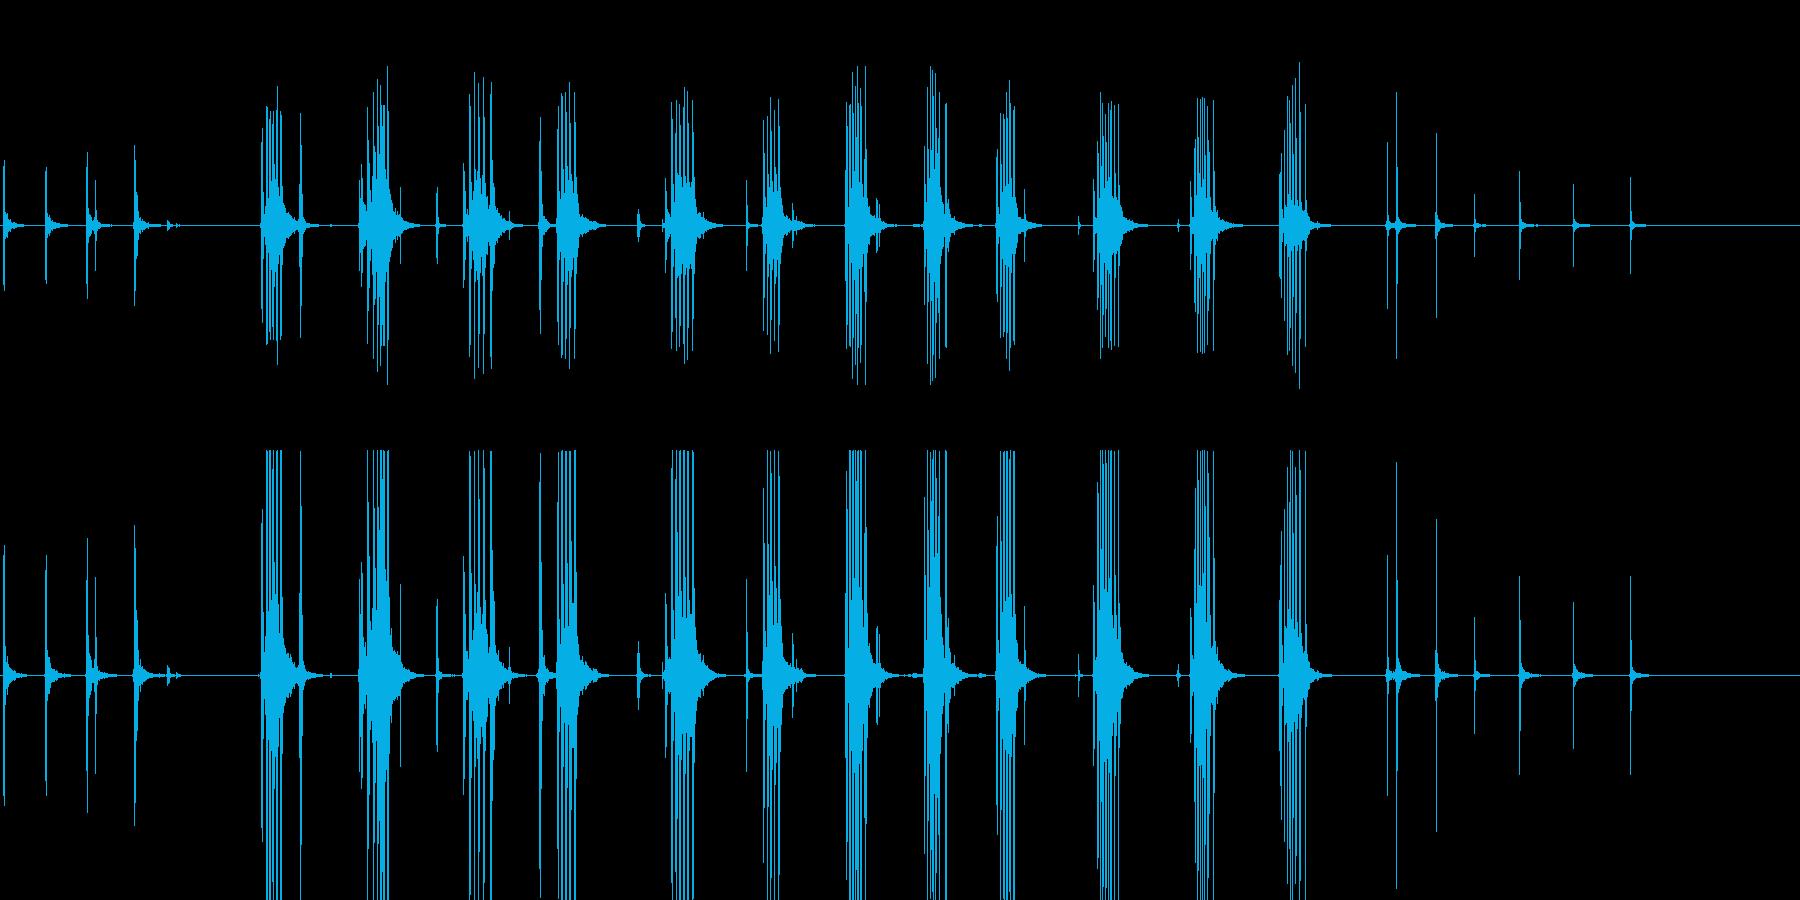 金庫のダイヤル音の再生済みの波形